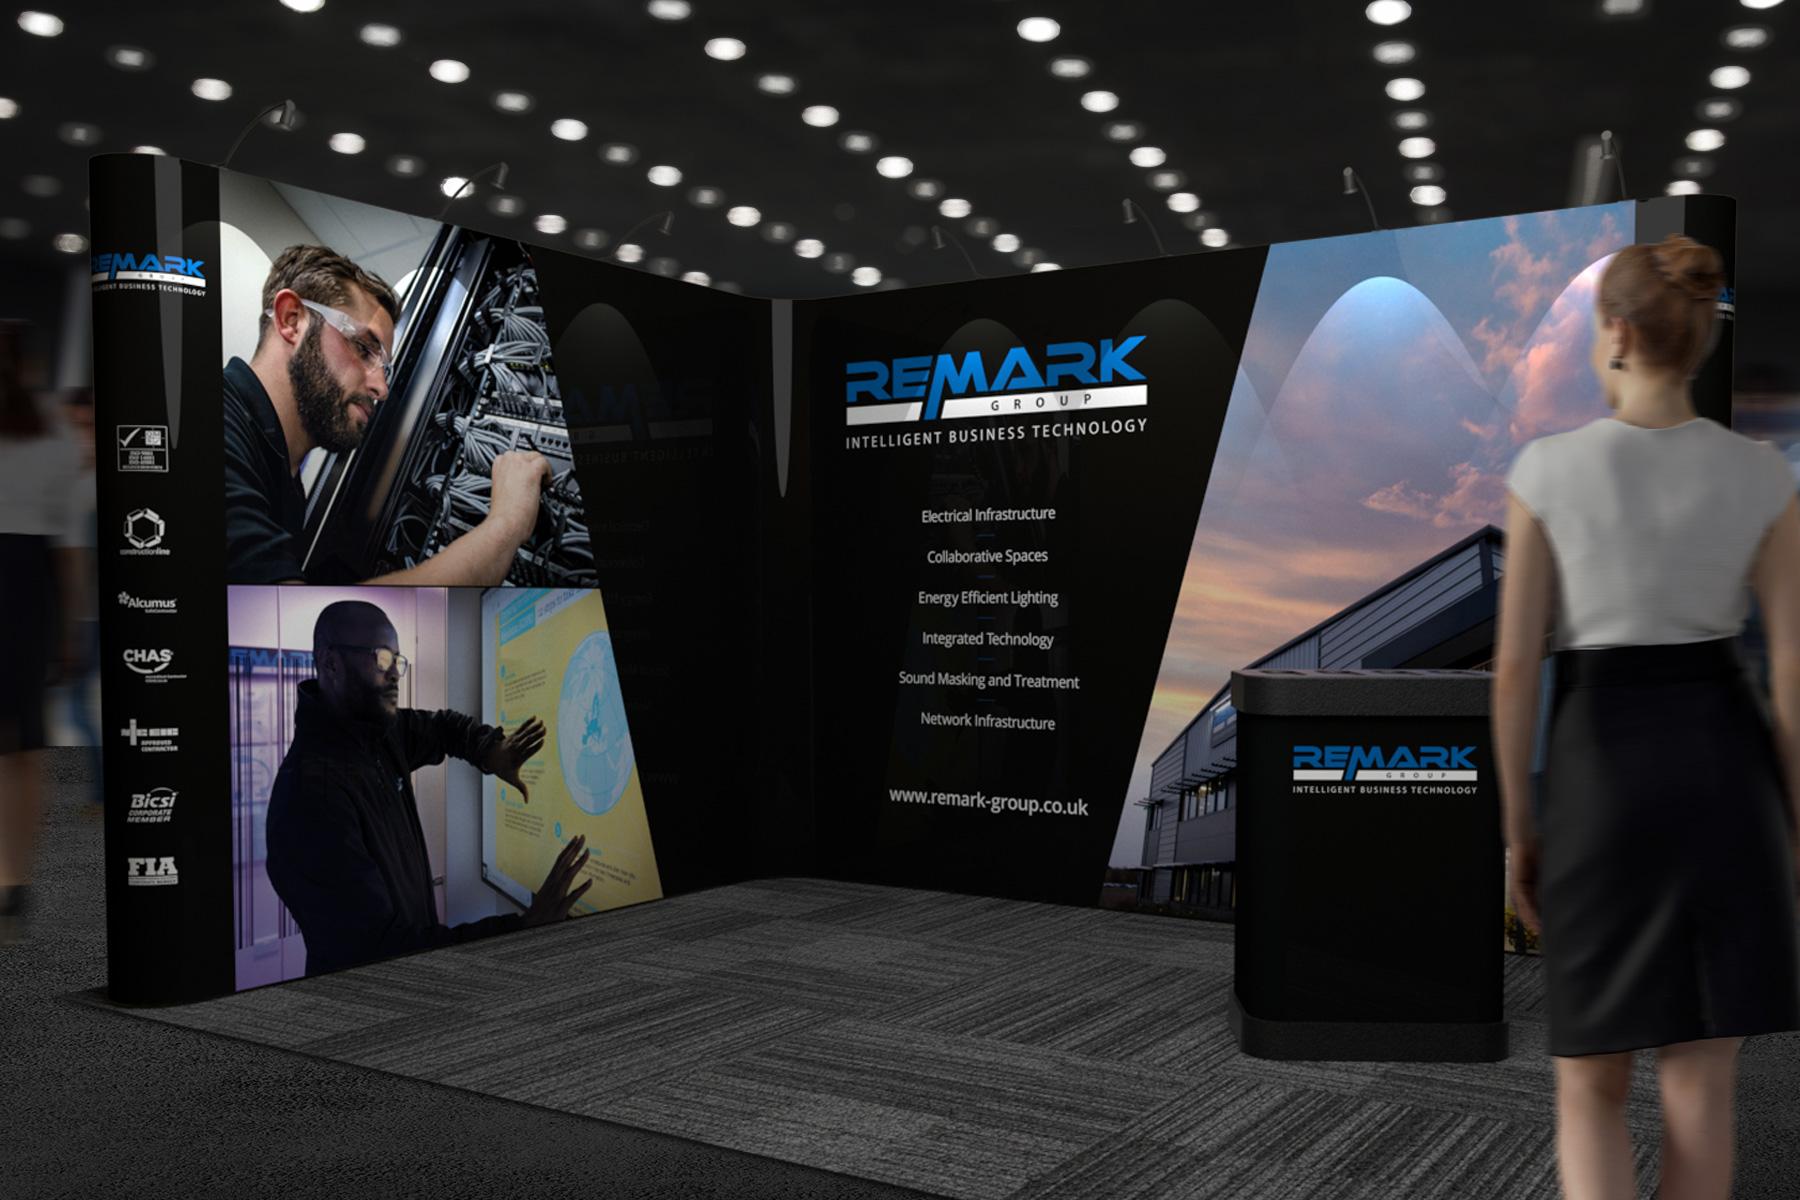 Remark exhibition stand design